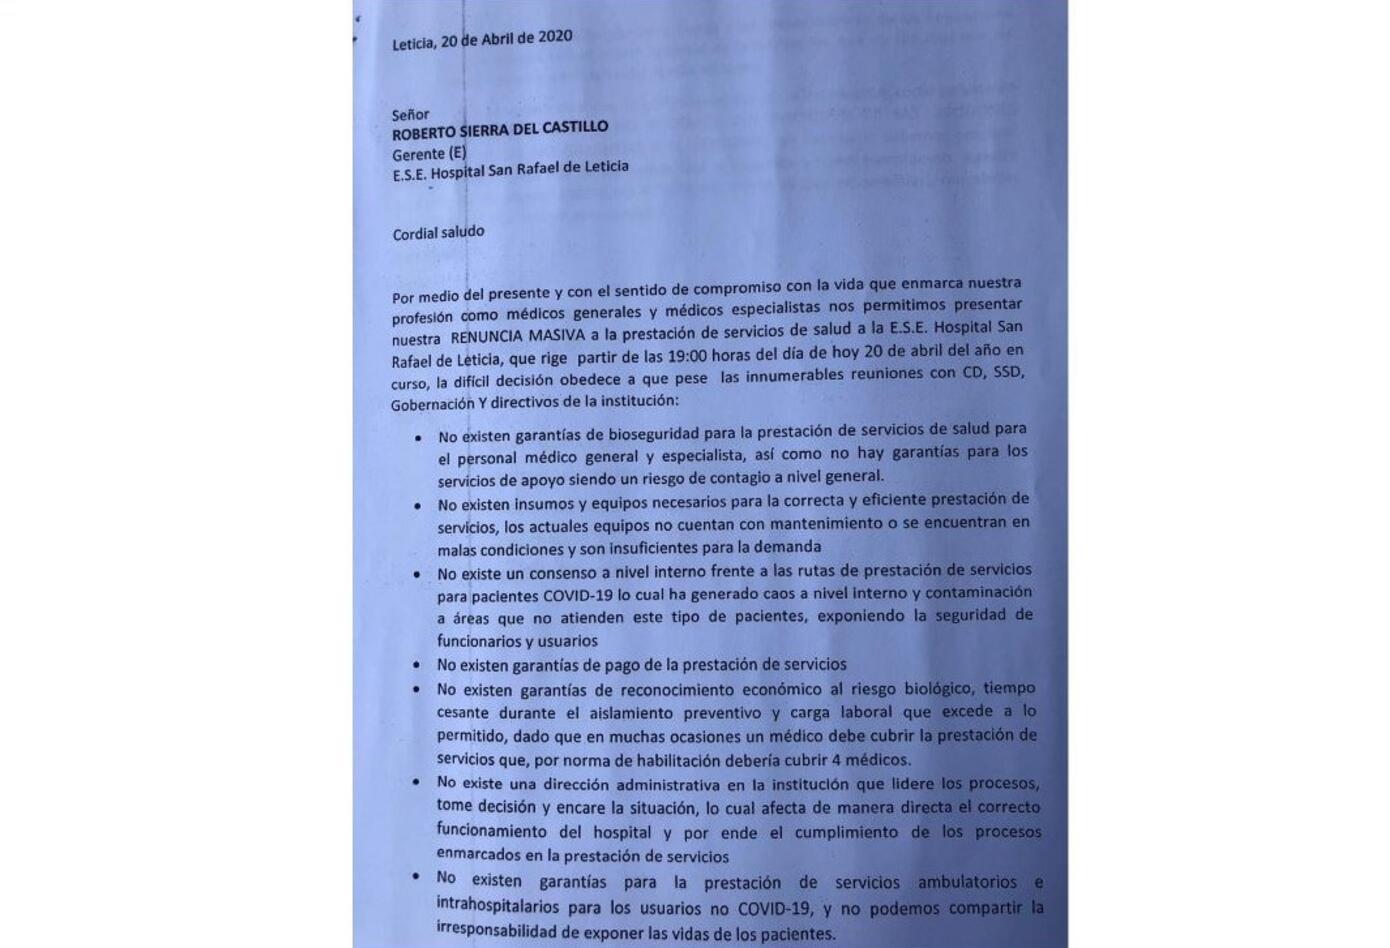 Carta de renuncia médico en Leticia.